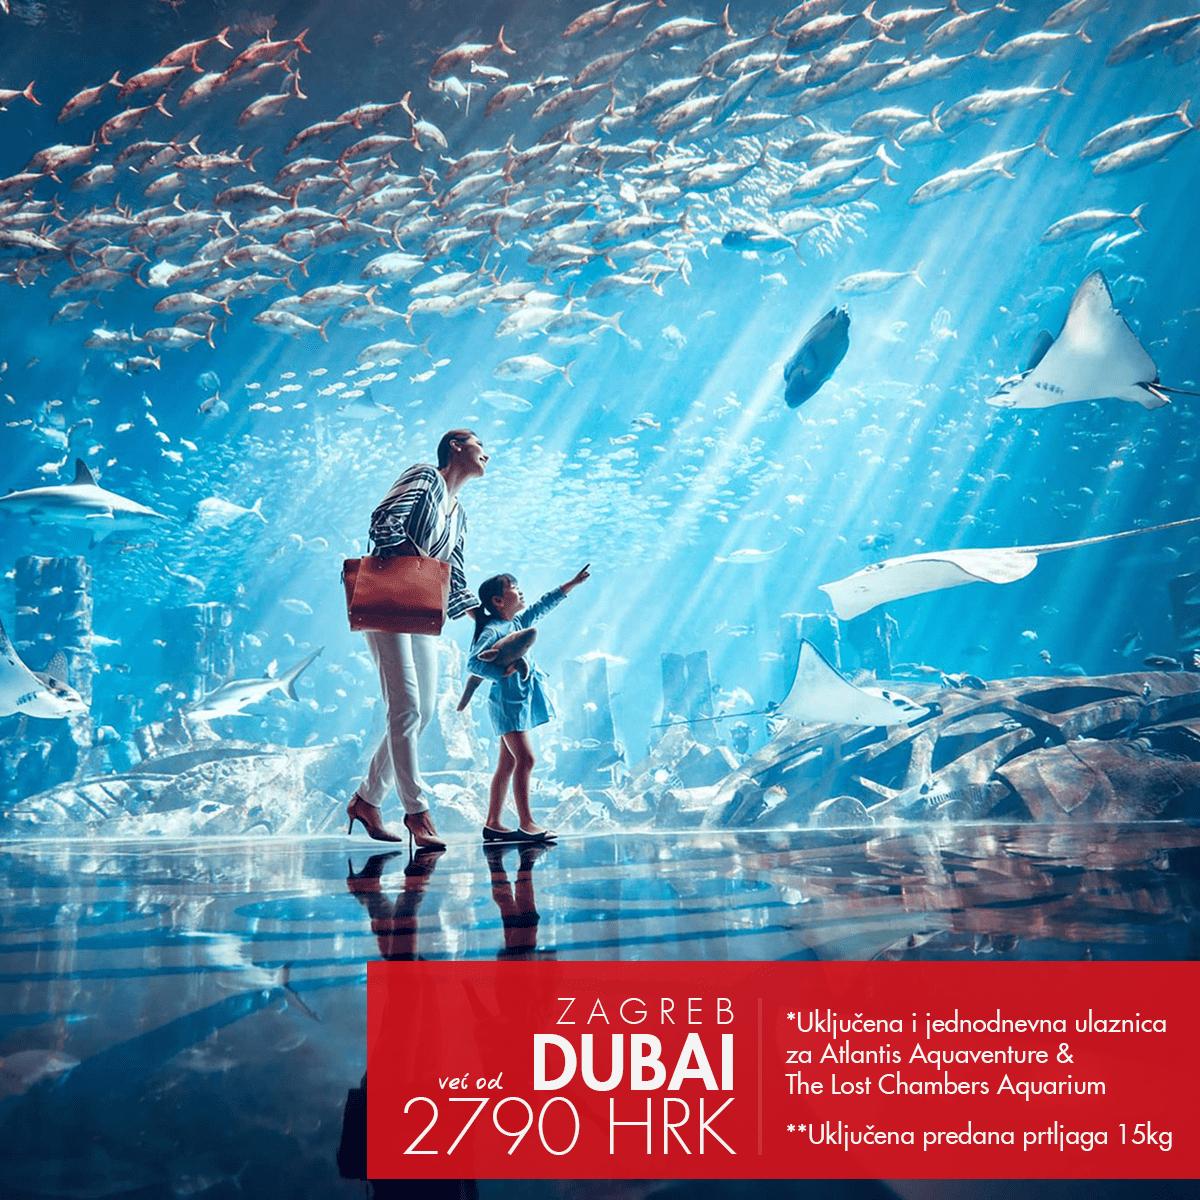 Dubai vizual, Dubai već od 1400 kuna, Dubai jeftine avio karte, putovanje za Dubai